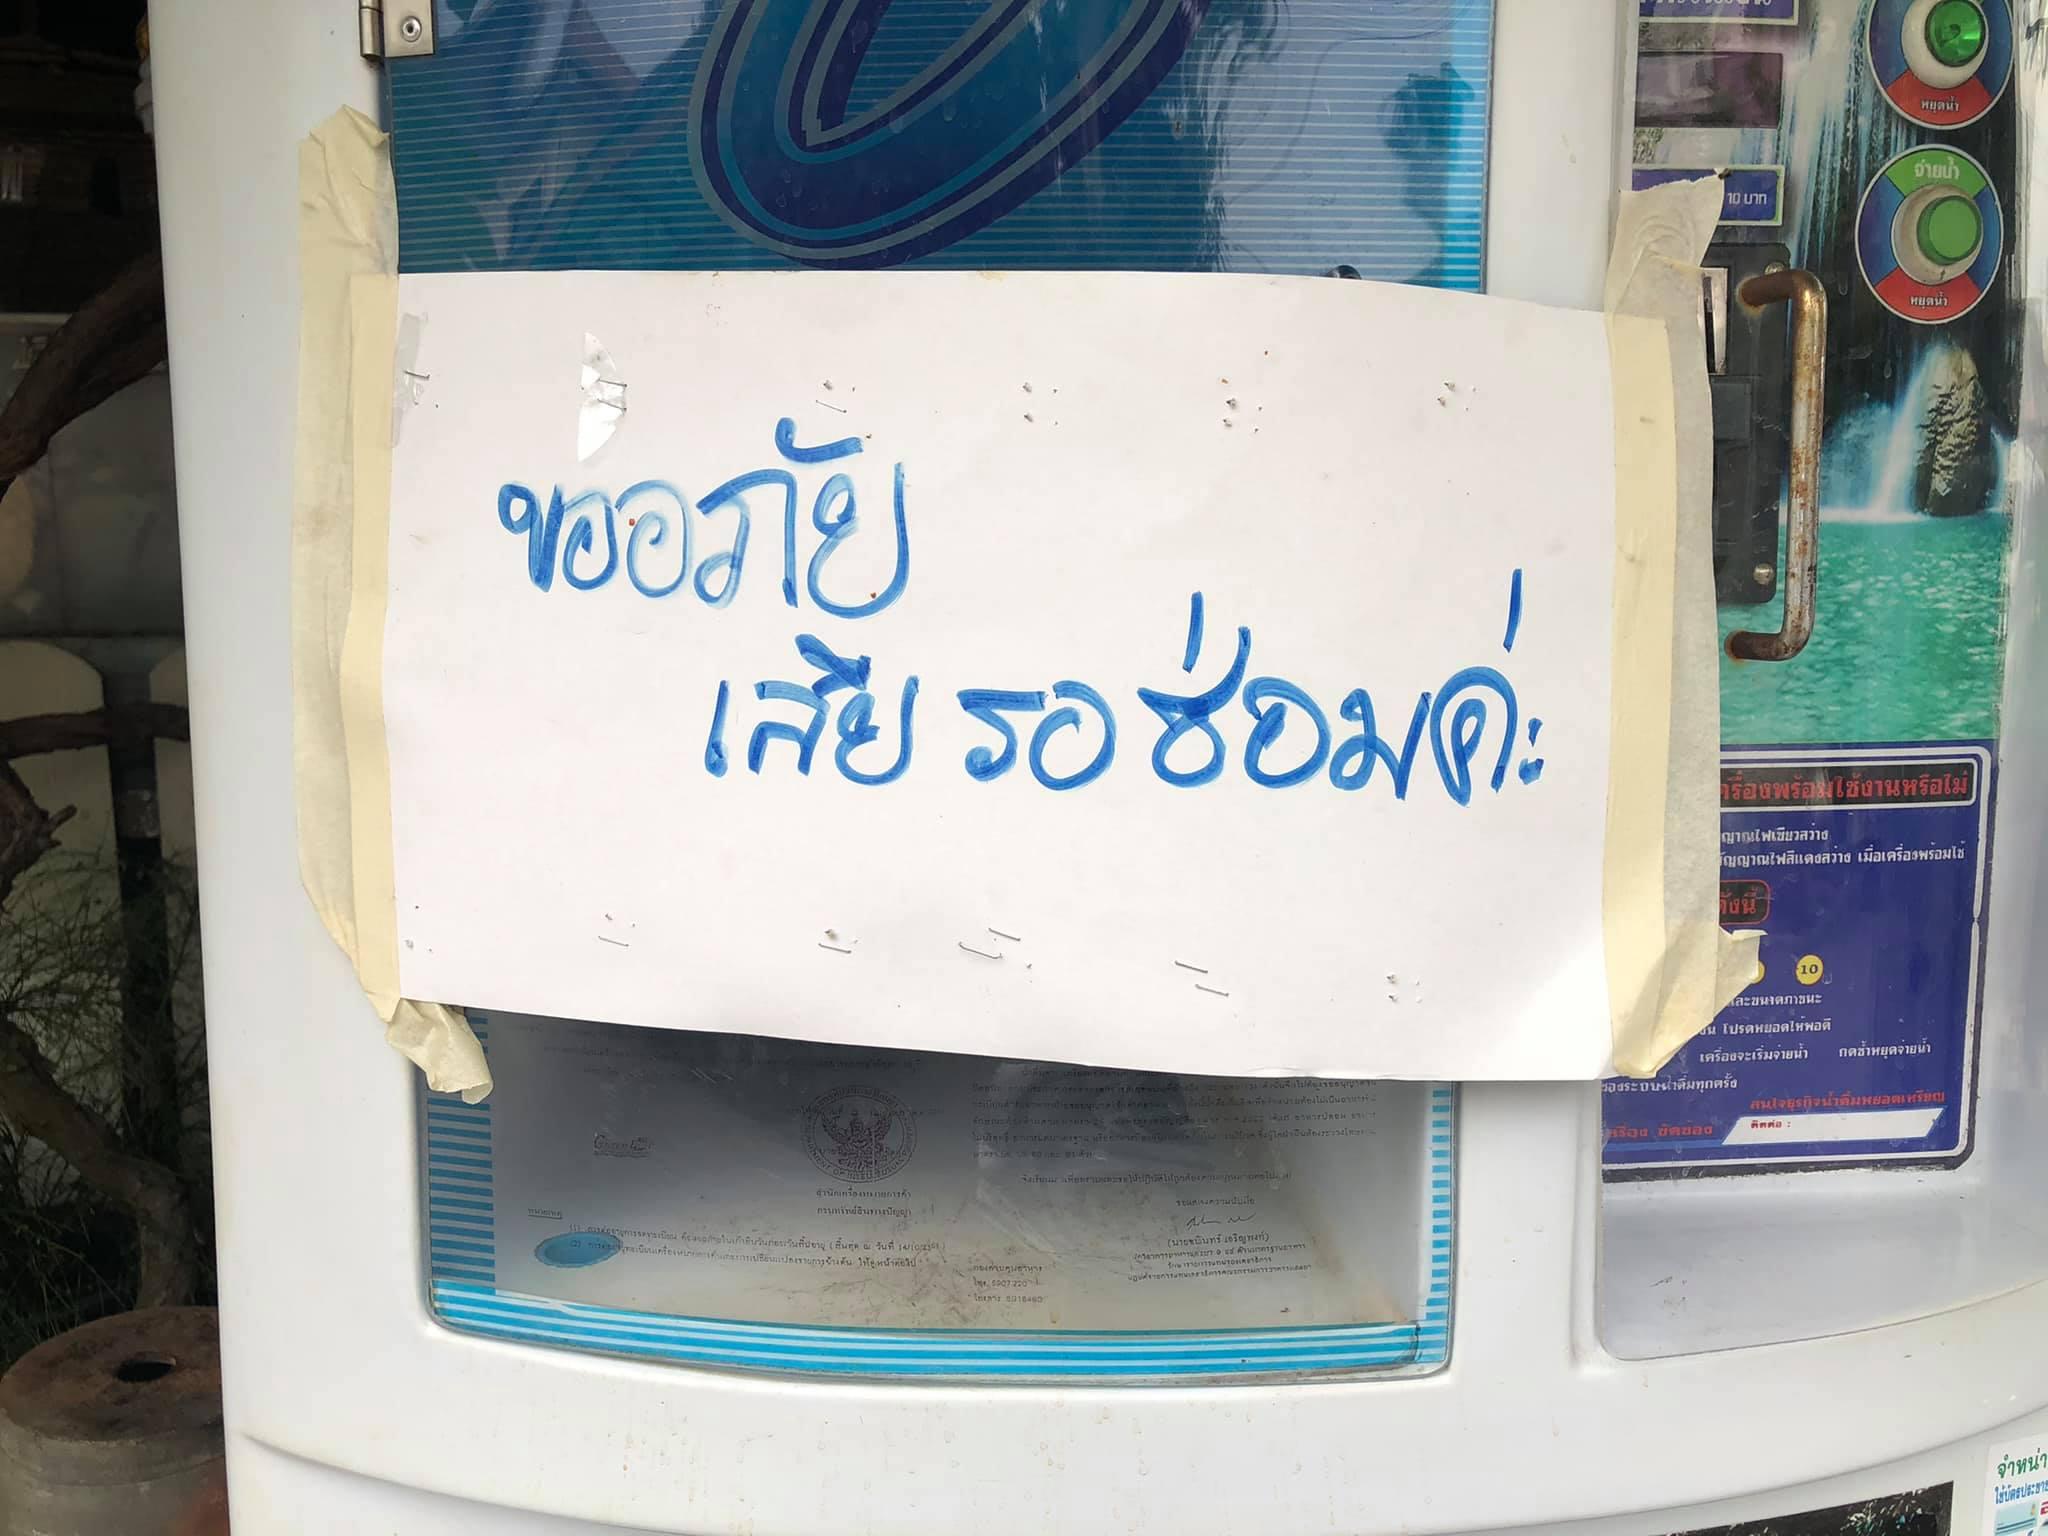 ซ่อมตู้น้ำดื่มหยอดเหรียญอาการตู้ไม่ผลิตน้ำ Booster pump เสียไม่มีแรงอัด